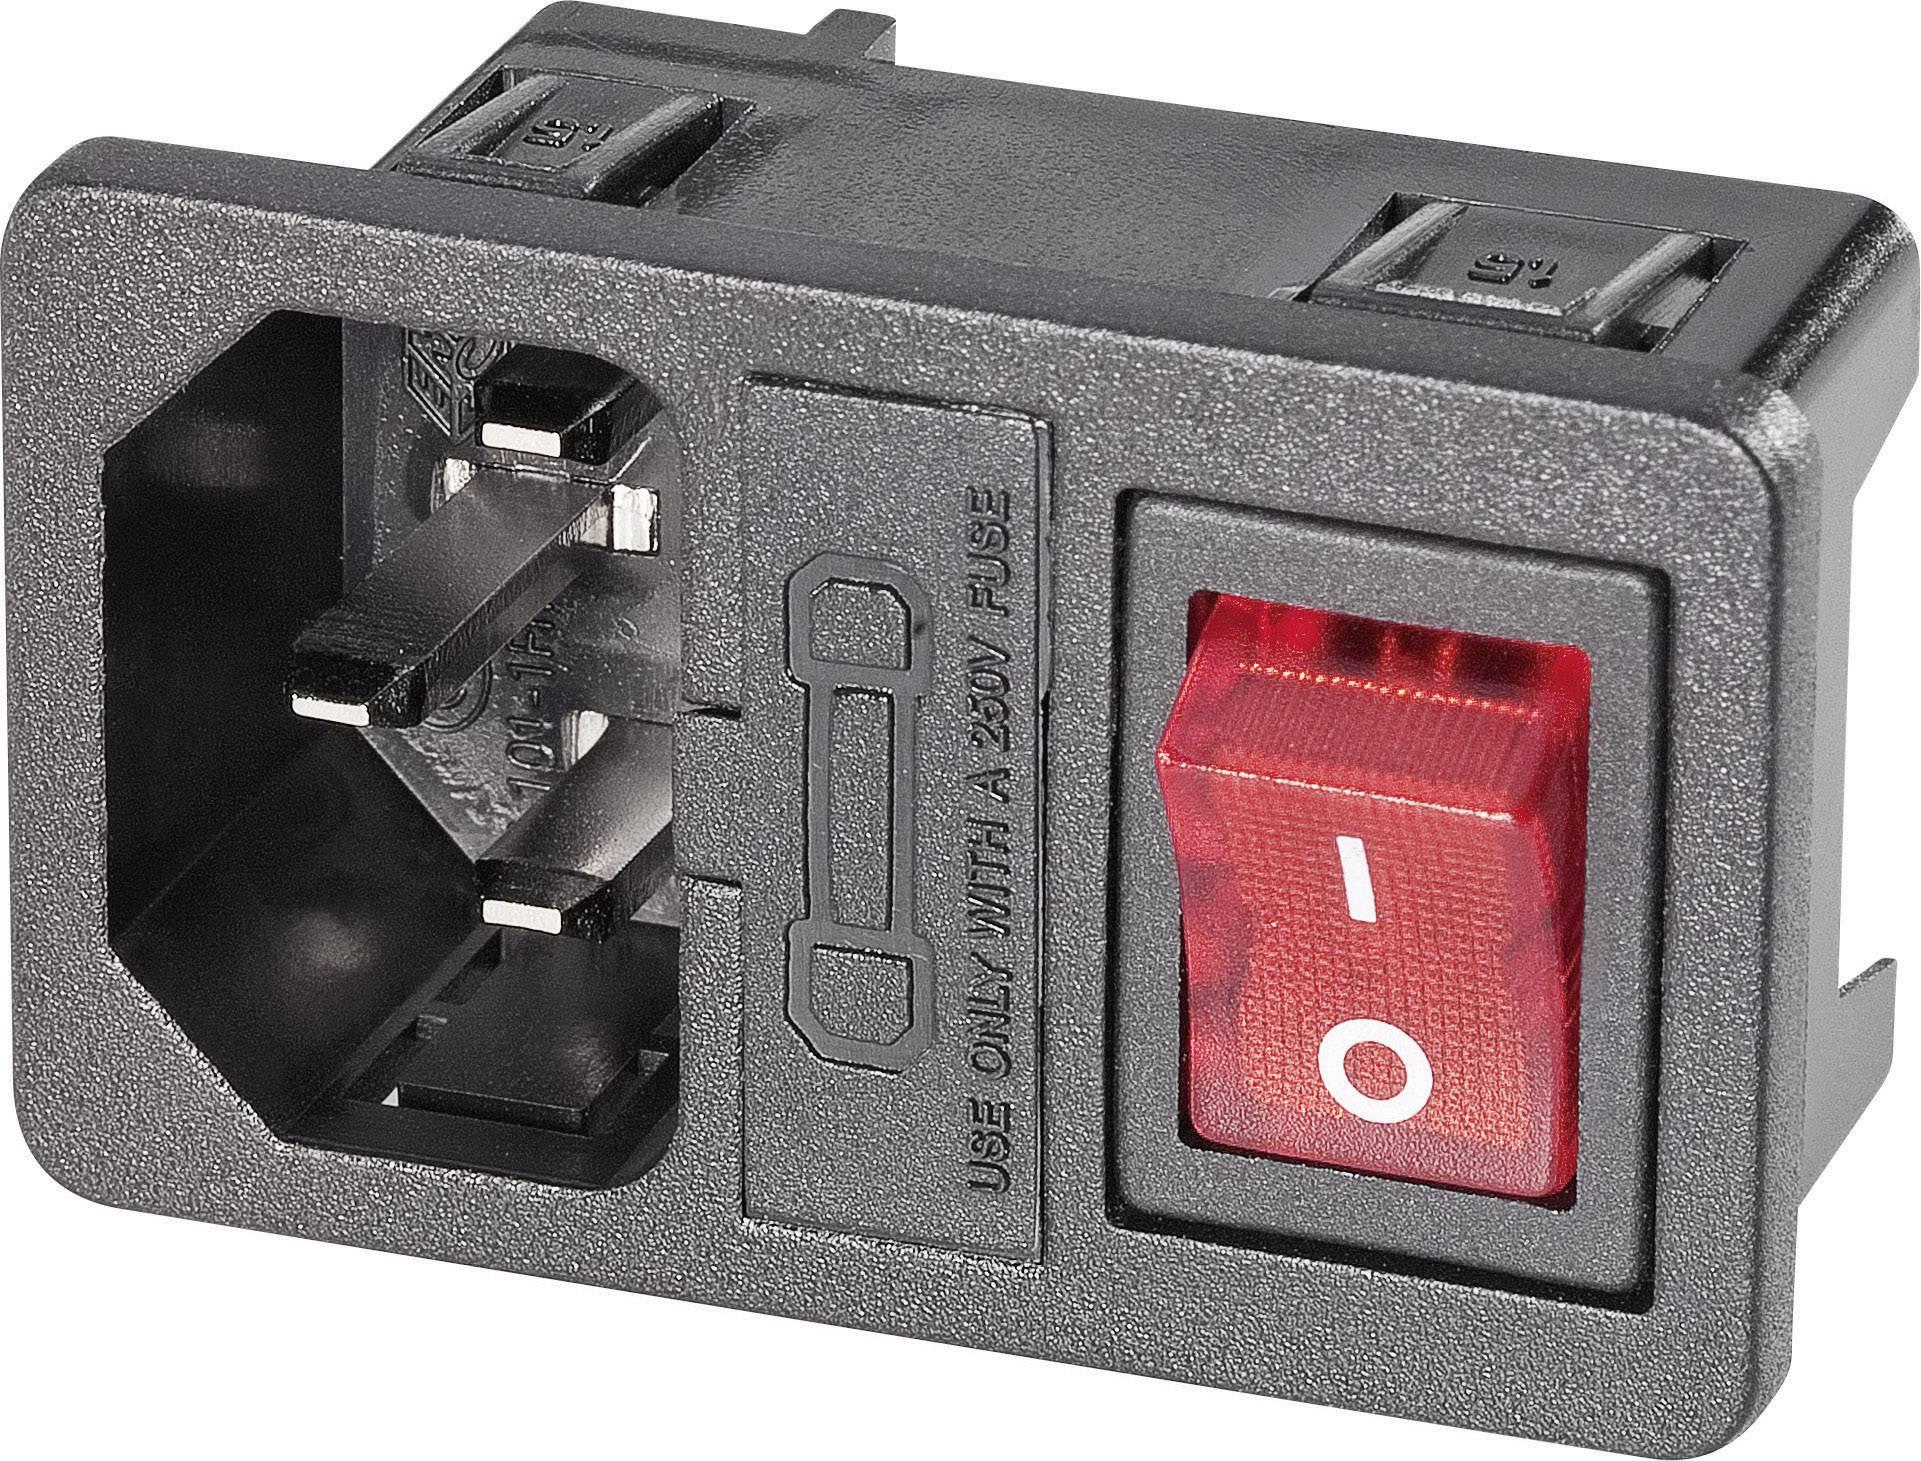 Vestavná síťová IEC zástrčka C14 s vypínačem K+B, 250 V, 16 A, vertikální, 59JR101-1FRS-LR150